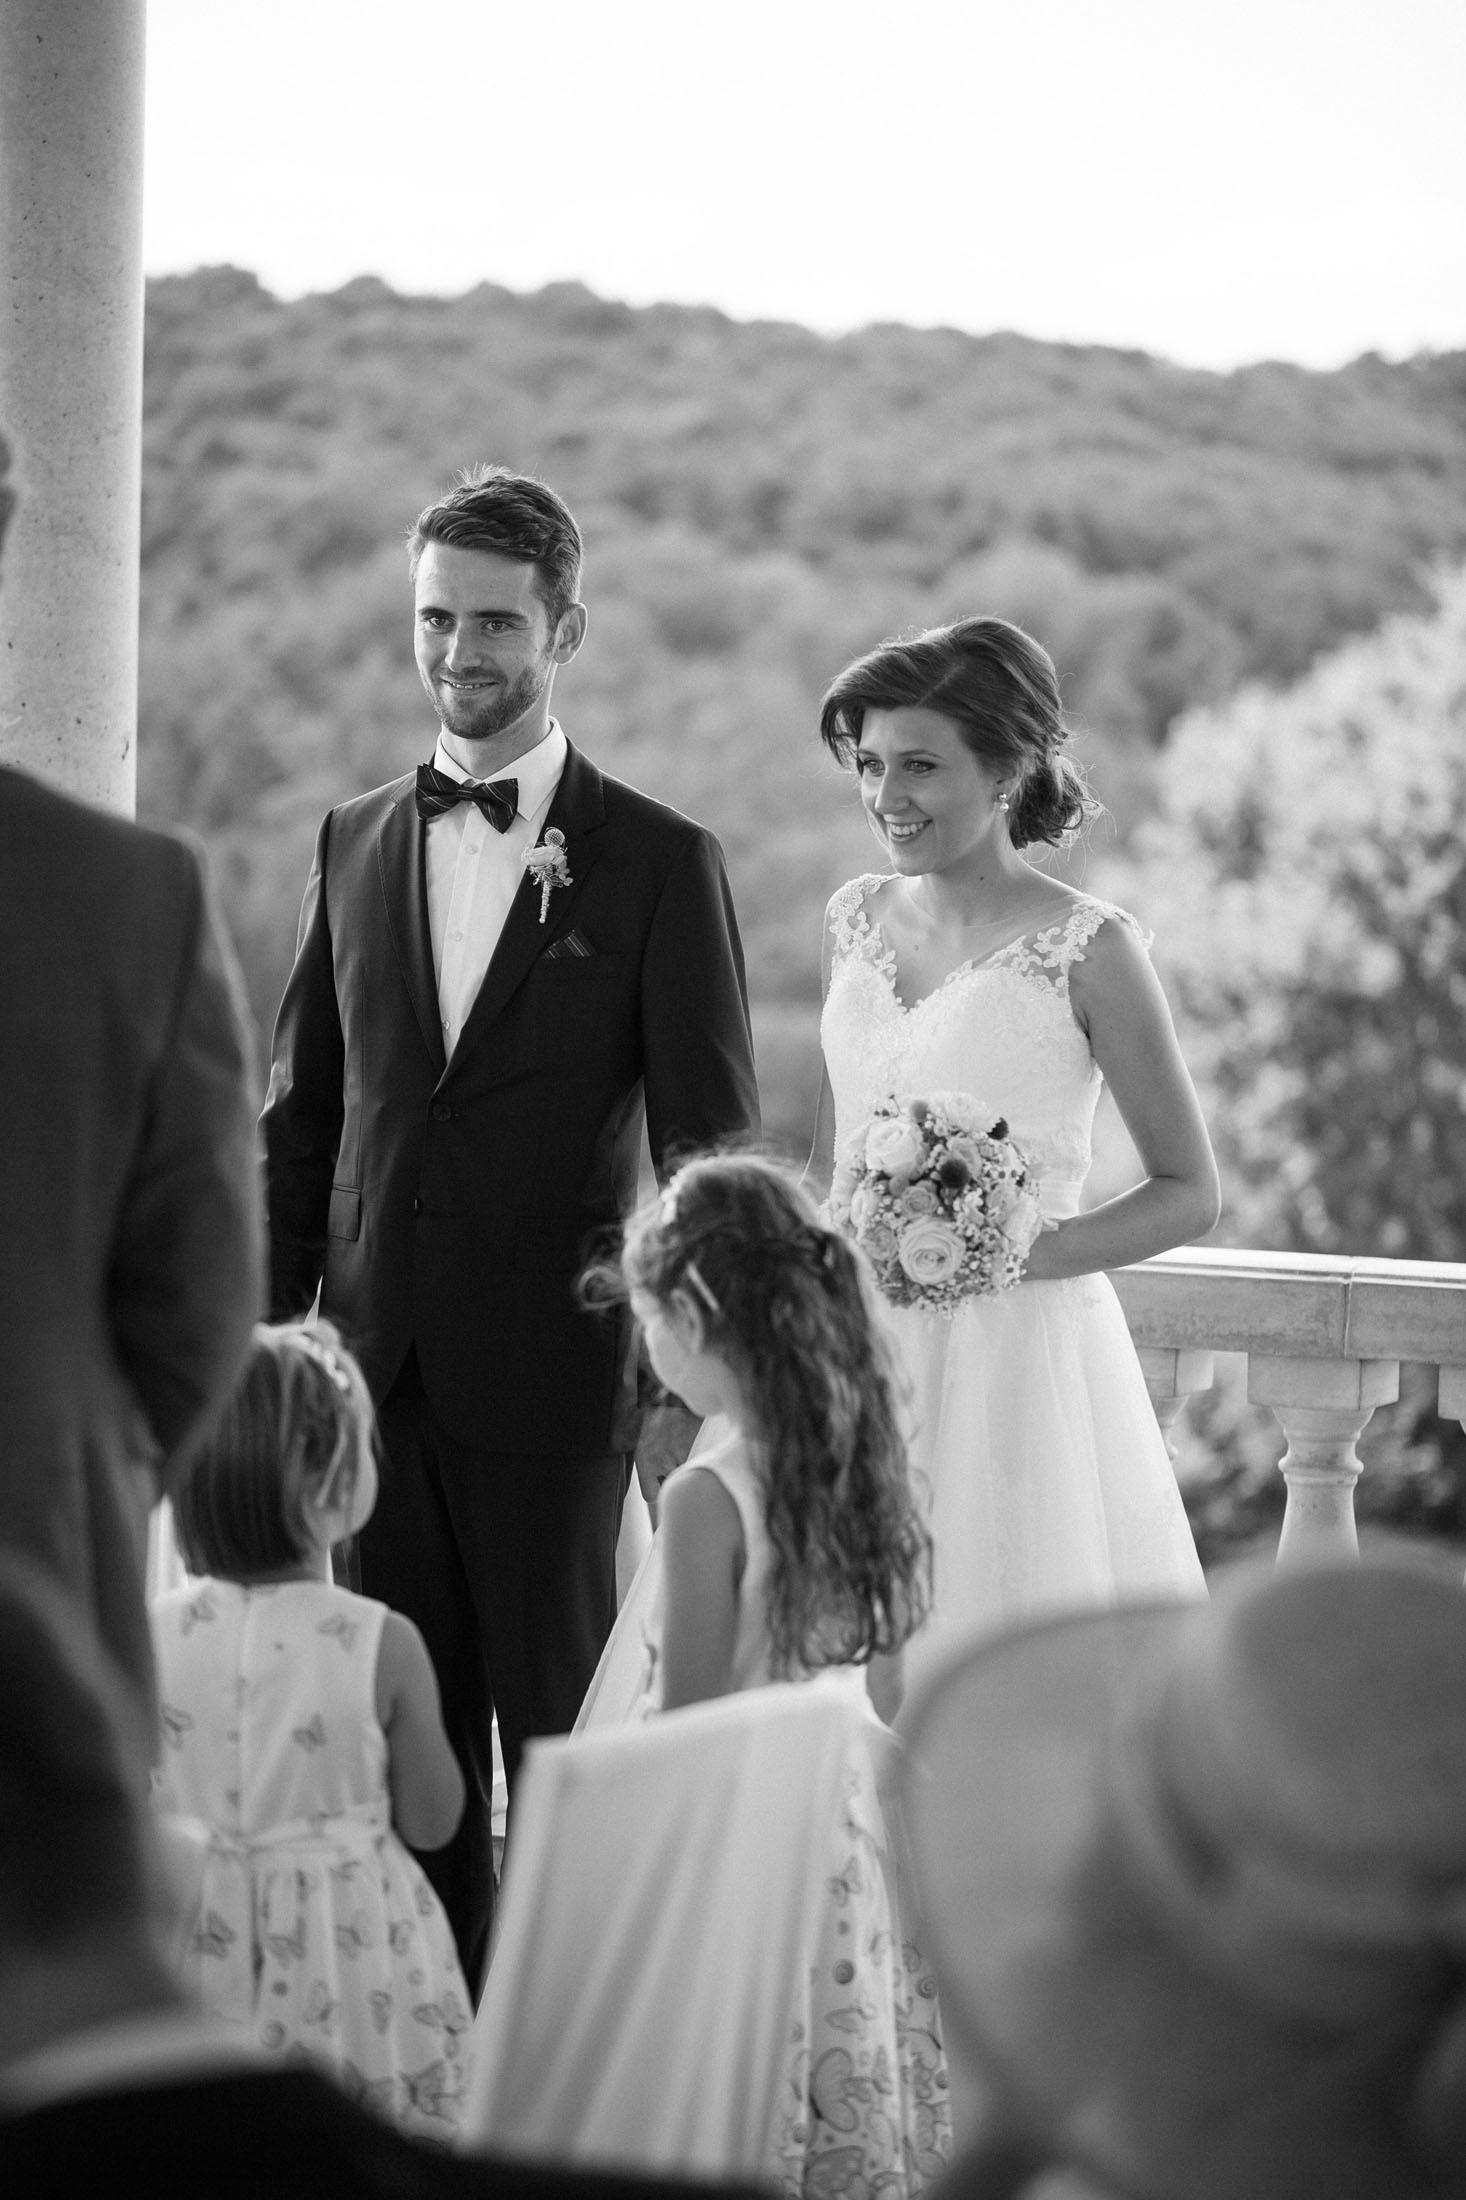 Hochzeit Karina & Johannes vor Altar schwarz-weiss im Weinschloss Thaller